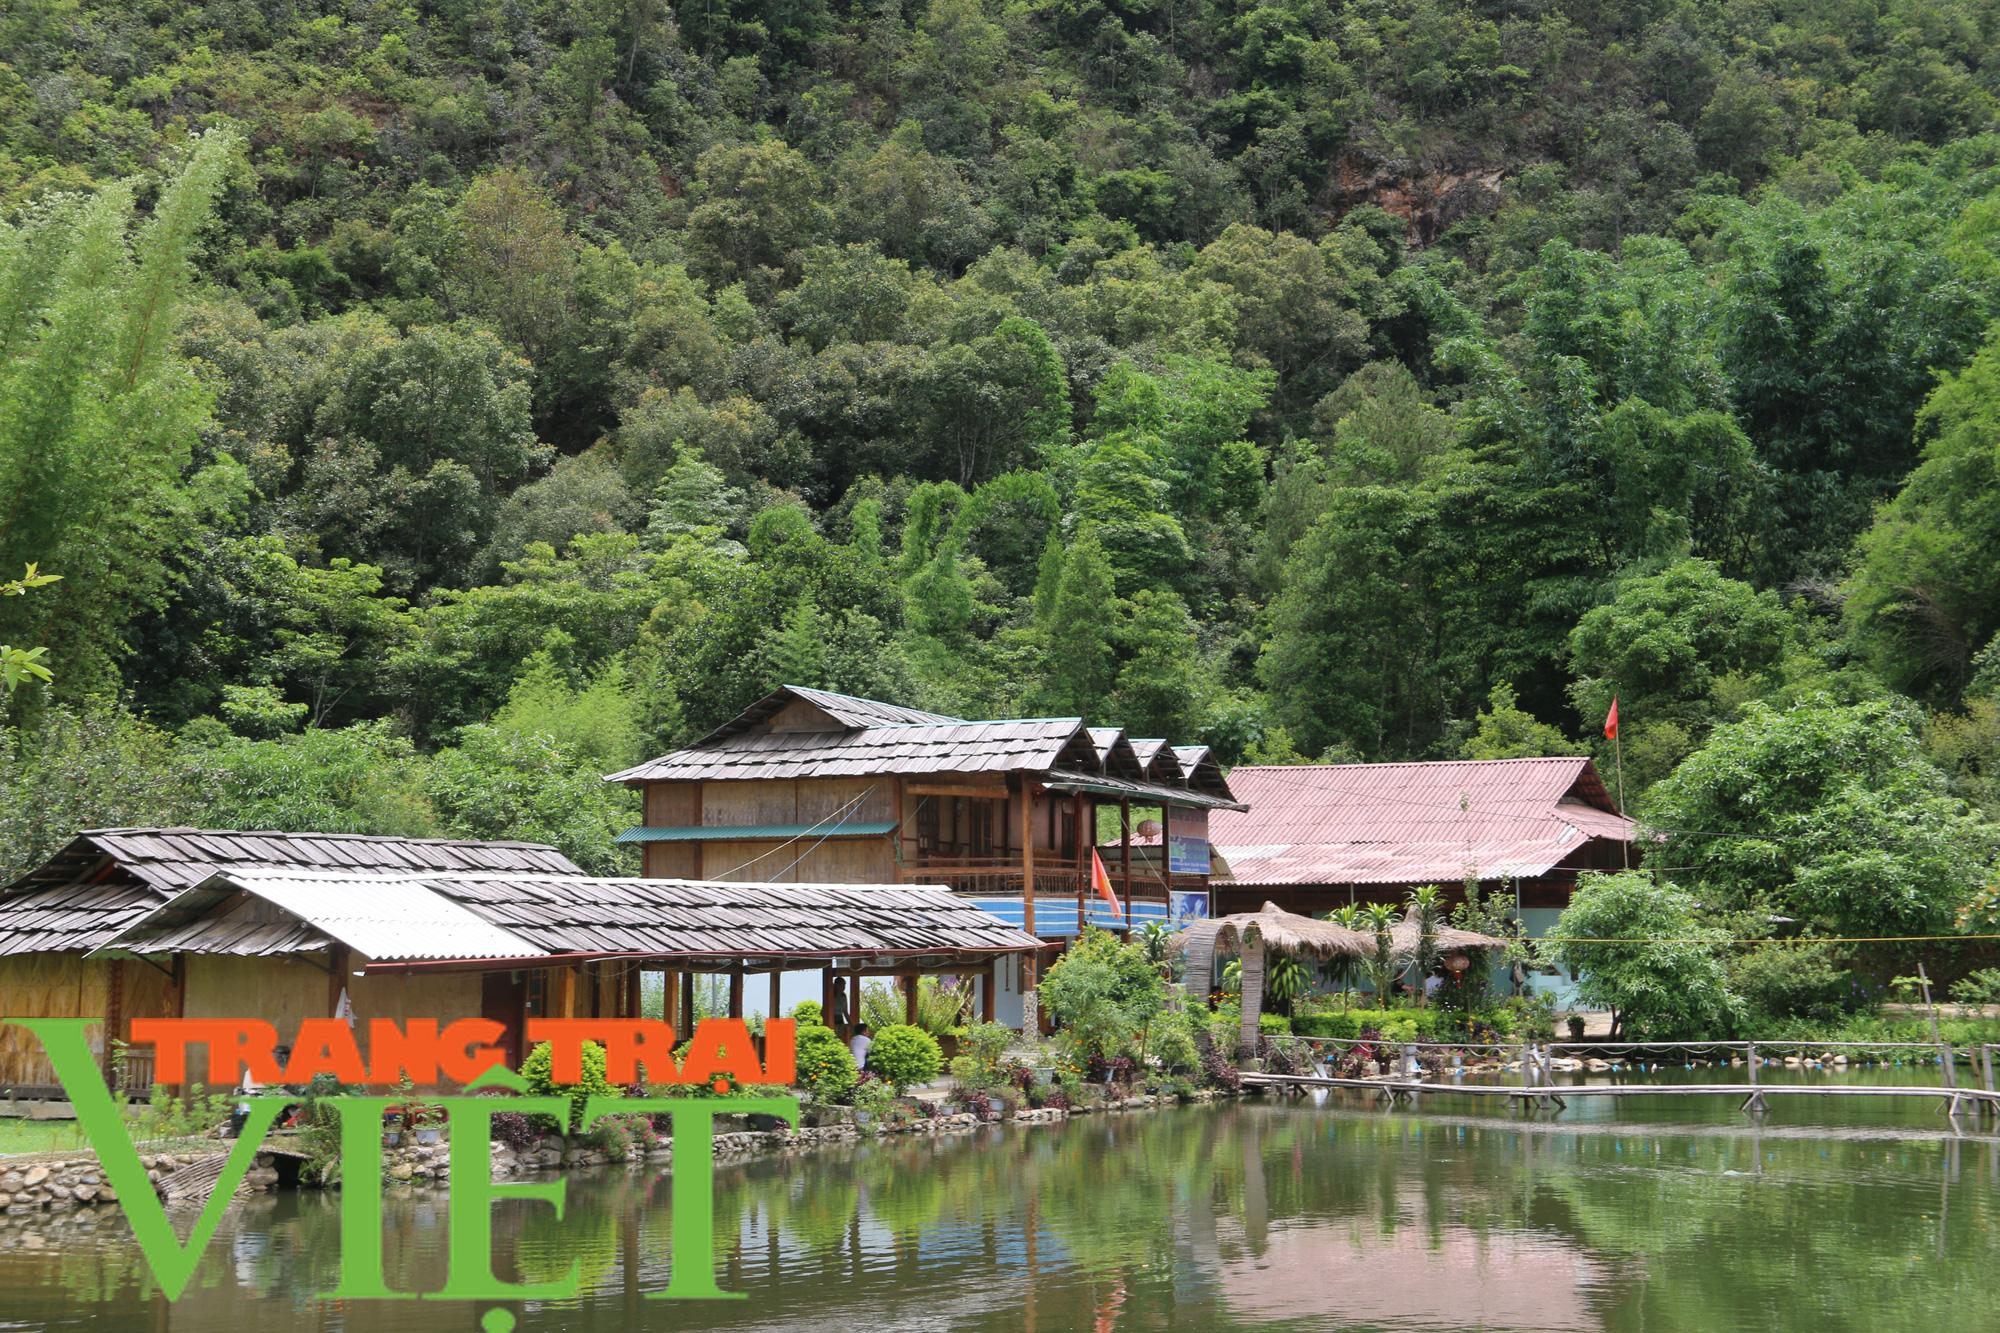 Trải nghiệm du lịch cộng đồng homestay Ngọc Chiến - Ảnh 1.